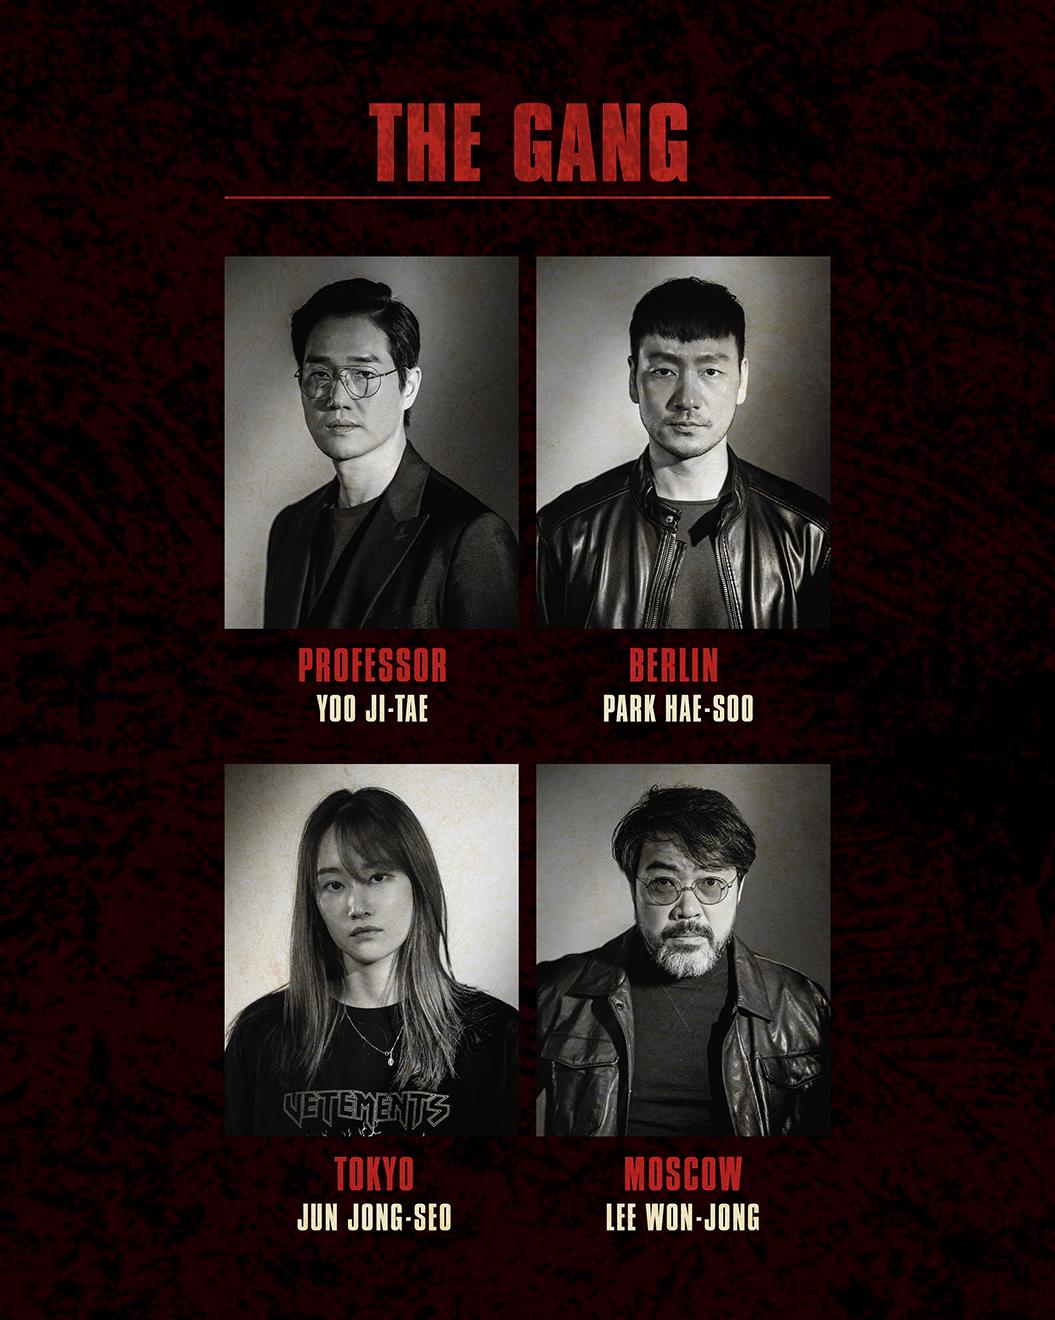 Casting La Casa De Papel : casting, papel, Netflix, Announced, Casting, Korean, Adaptation, Papel